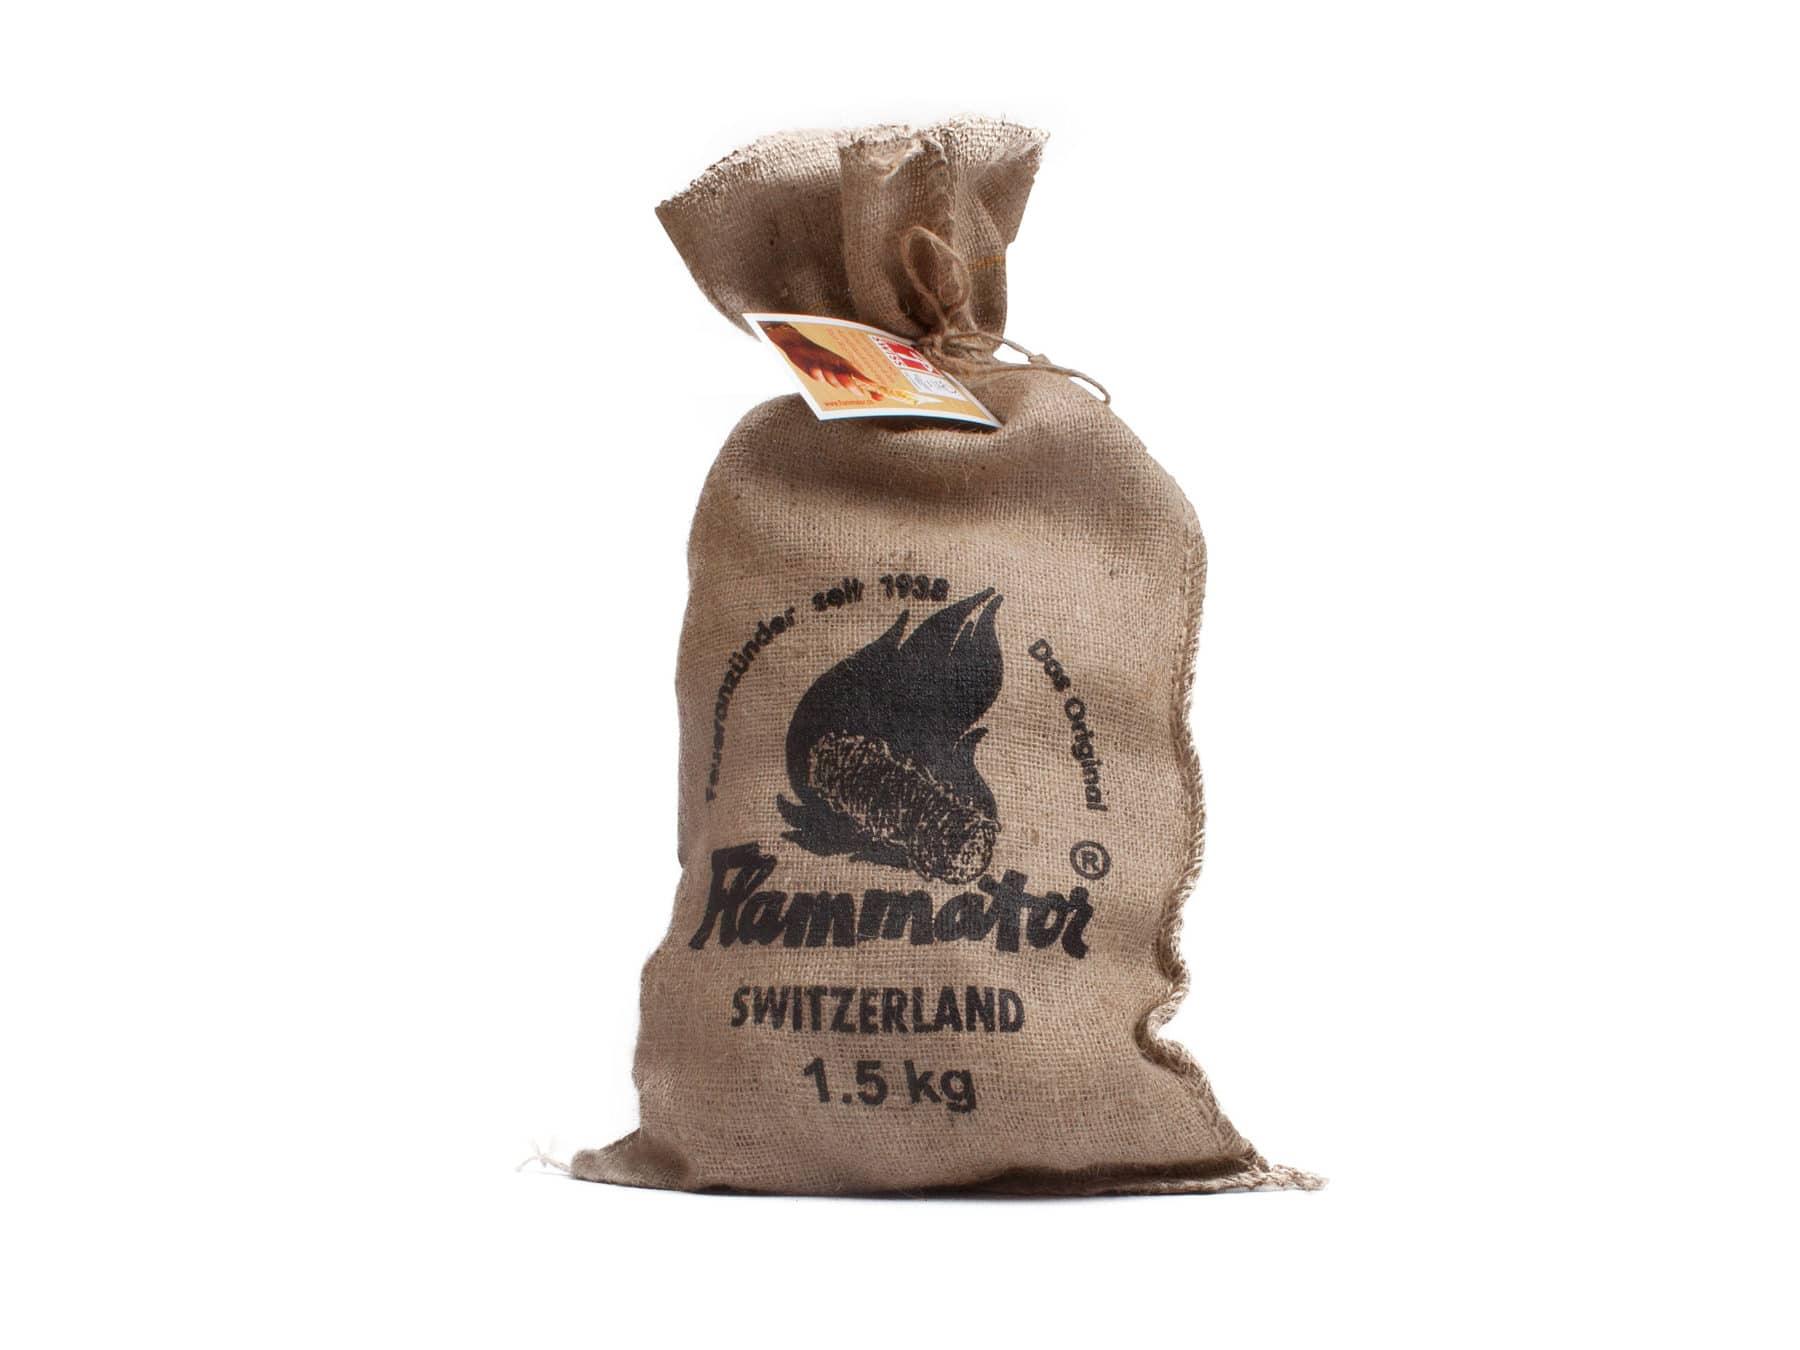 Anzuendhilfe Flammator Anzuendhilfen 1.5kg Sack SChweiz KURTS.ch